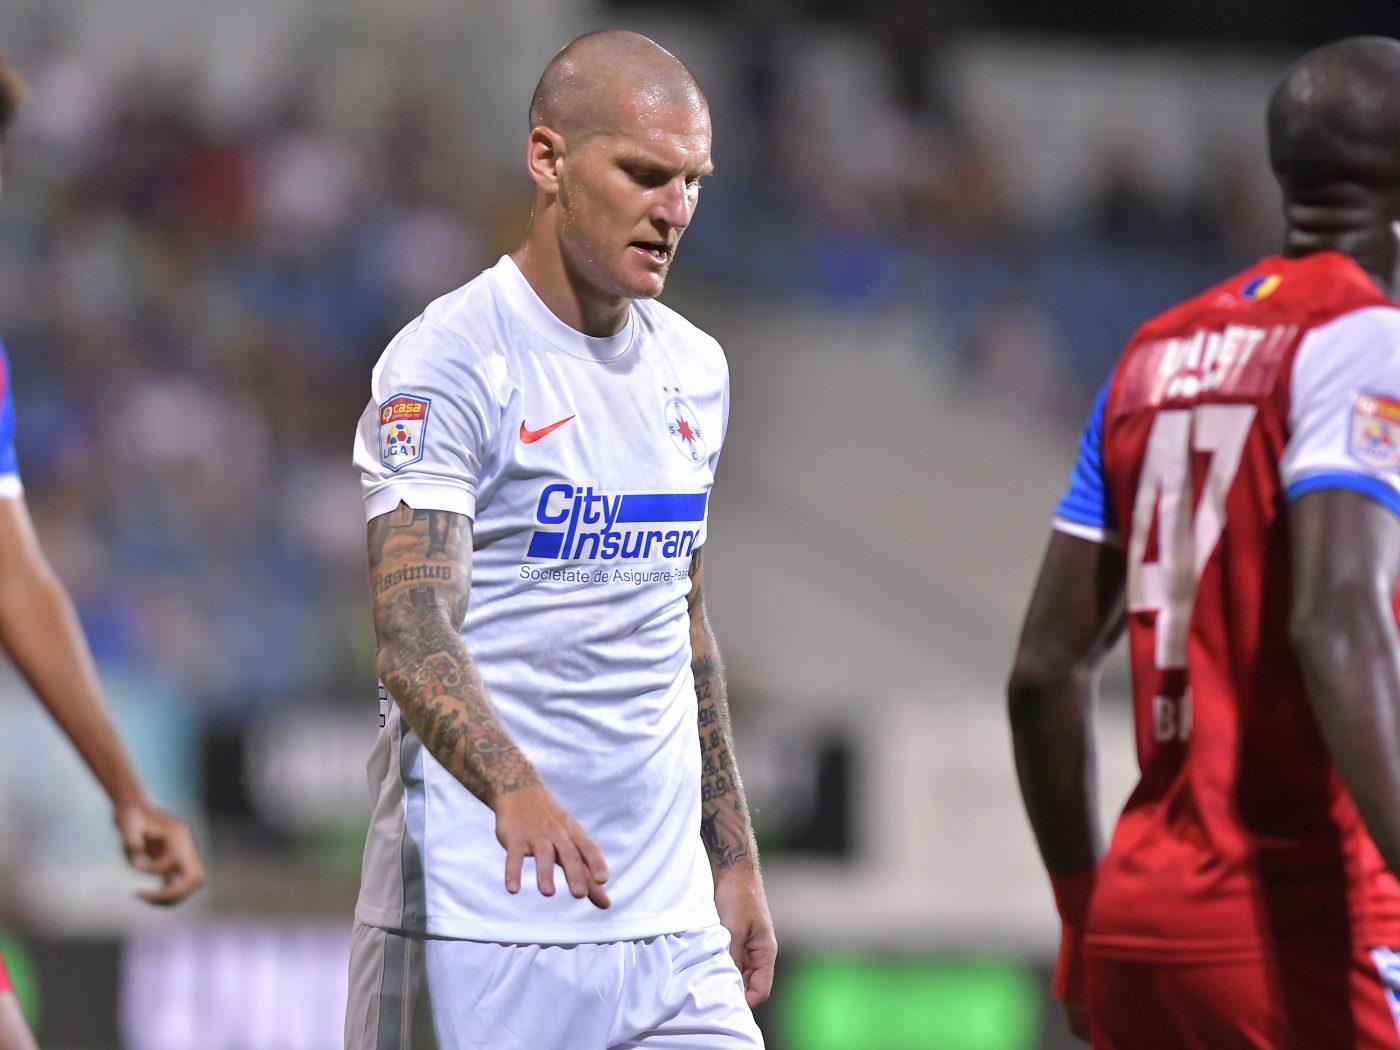 Zdenek Ondrasek a ratat ultima șansă la FCSB! Gigi Becali l-a schimbat la pauza meciului cu Șahtior Karagandî